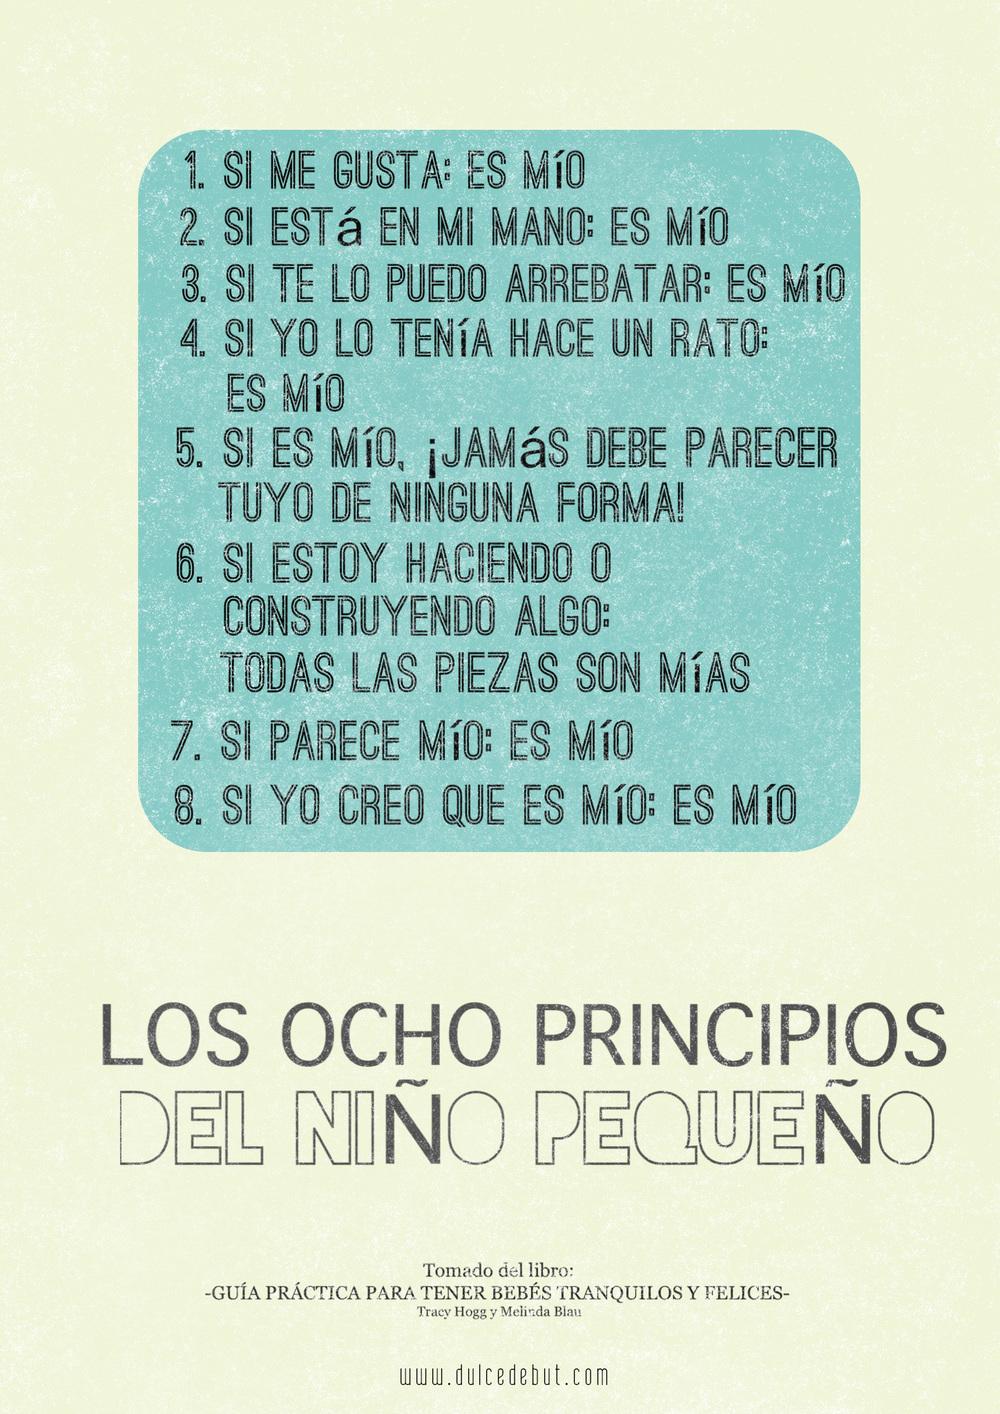 LOS OCHO PRINCIPIOS DEL NIÑO PEQUEÑO